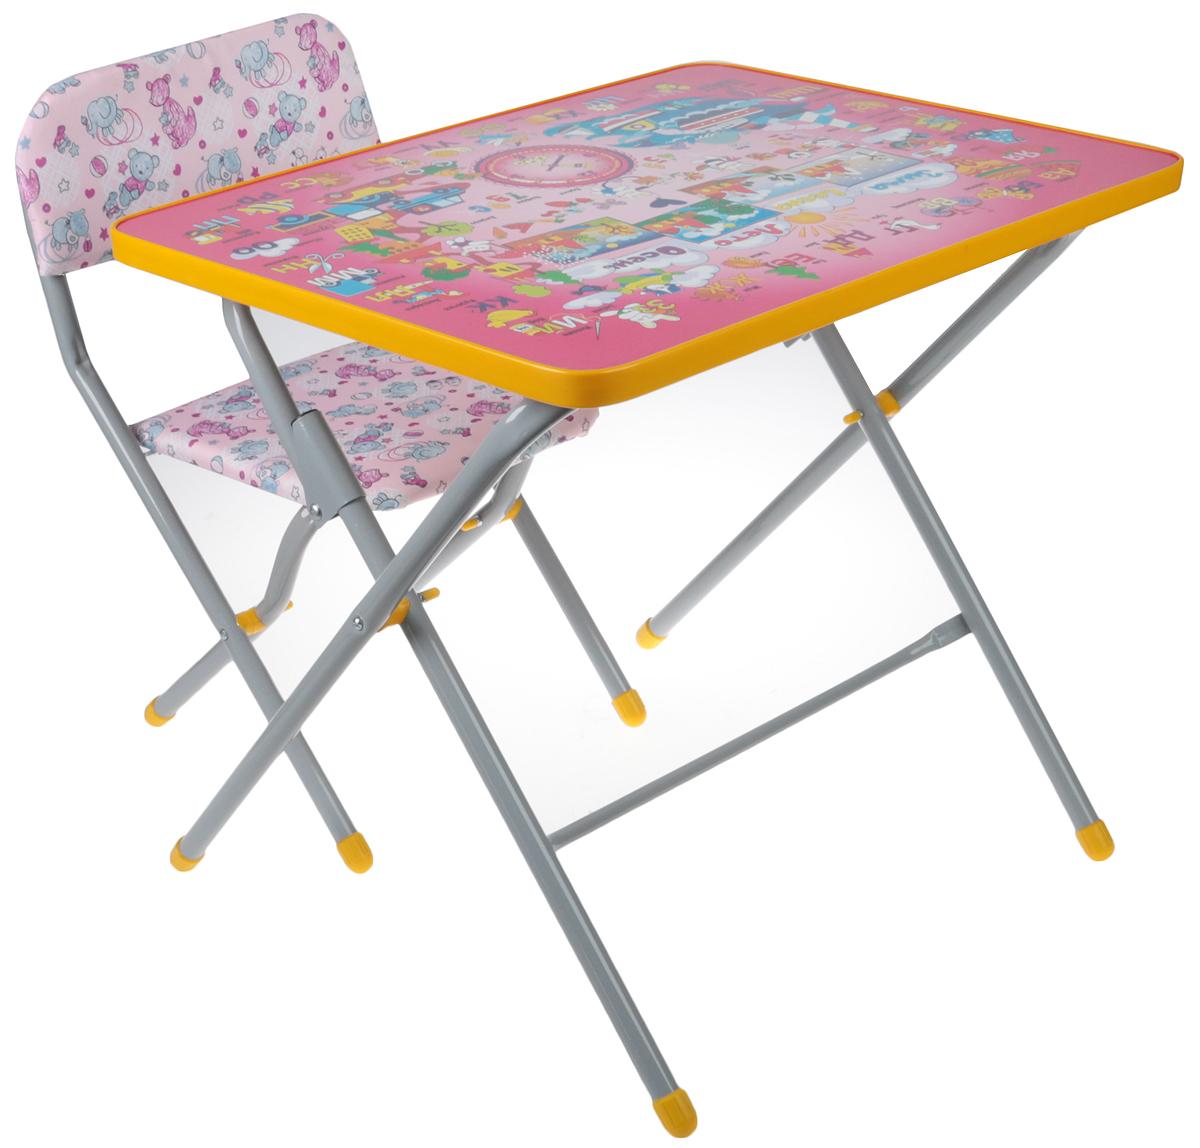 Фея Набор детской мебели Досуг Алфавит цвет розовый фея набор детской мебели досуг динозаврики